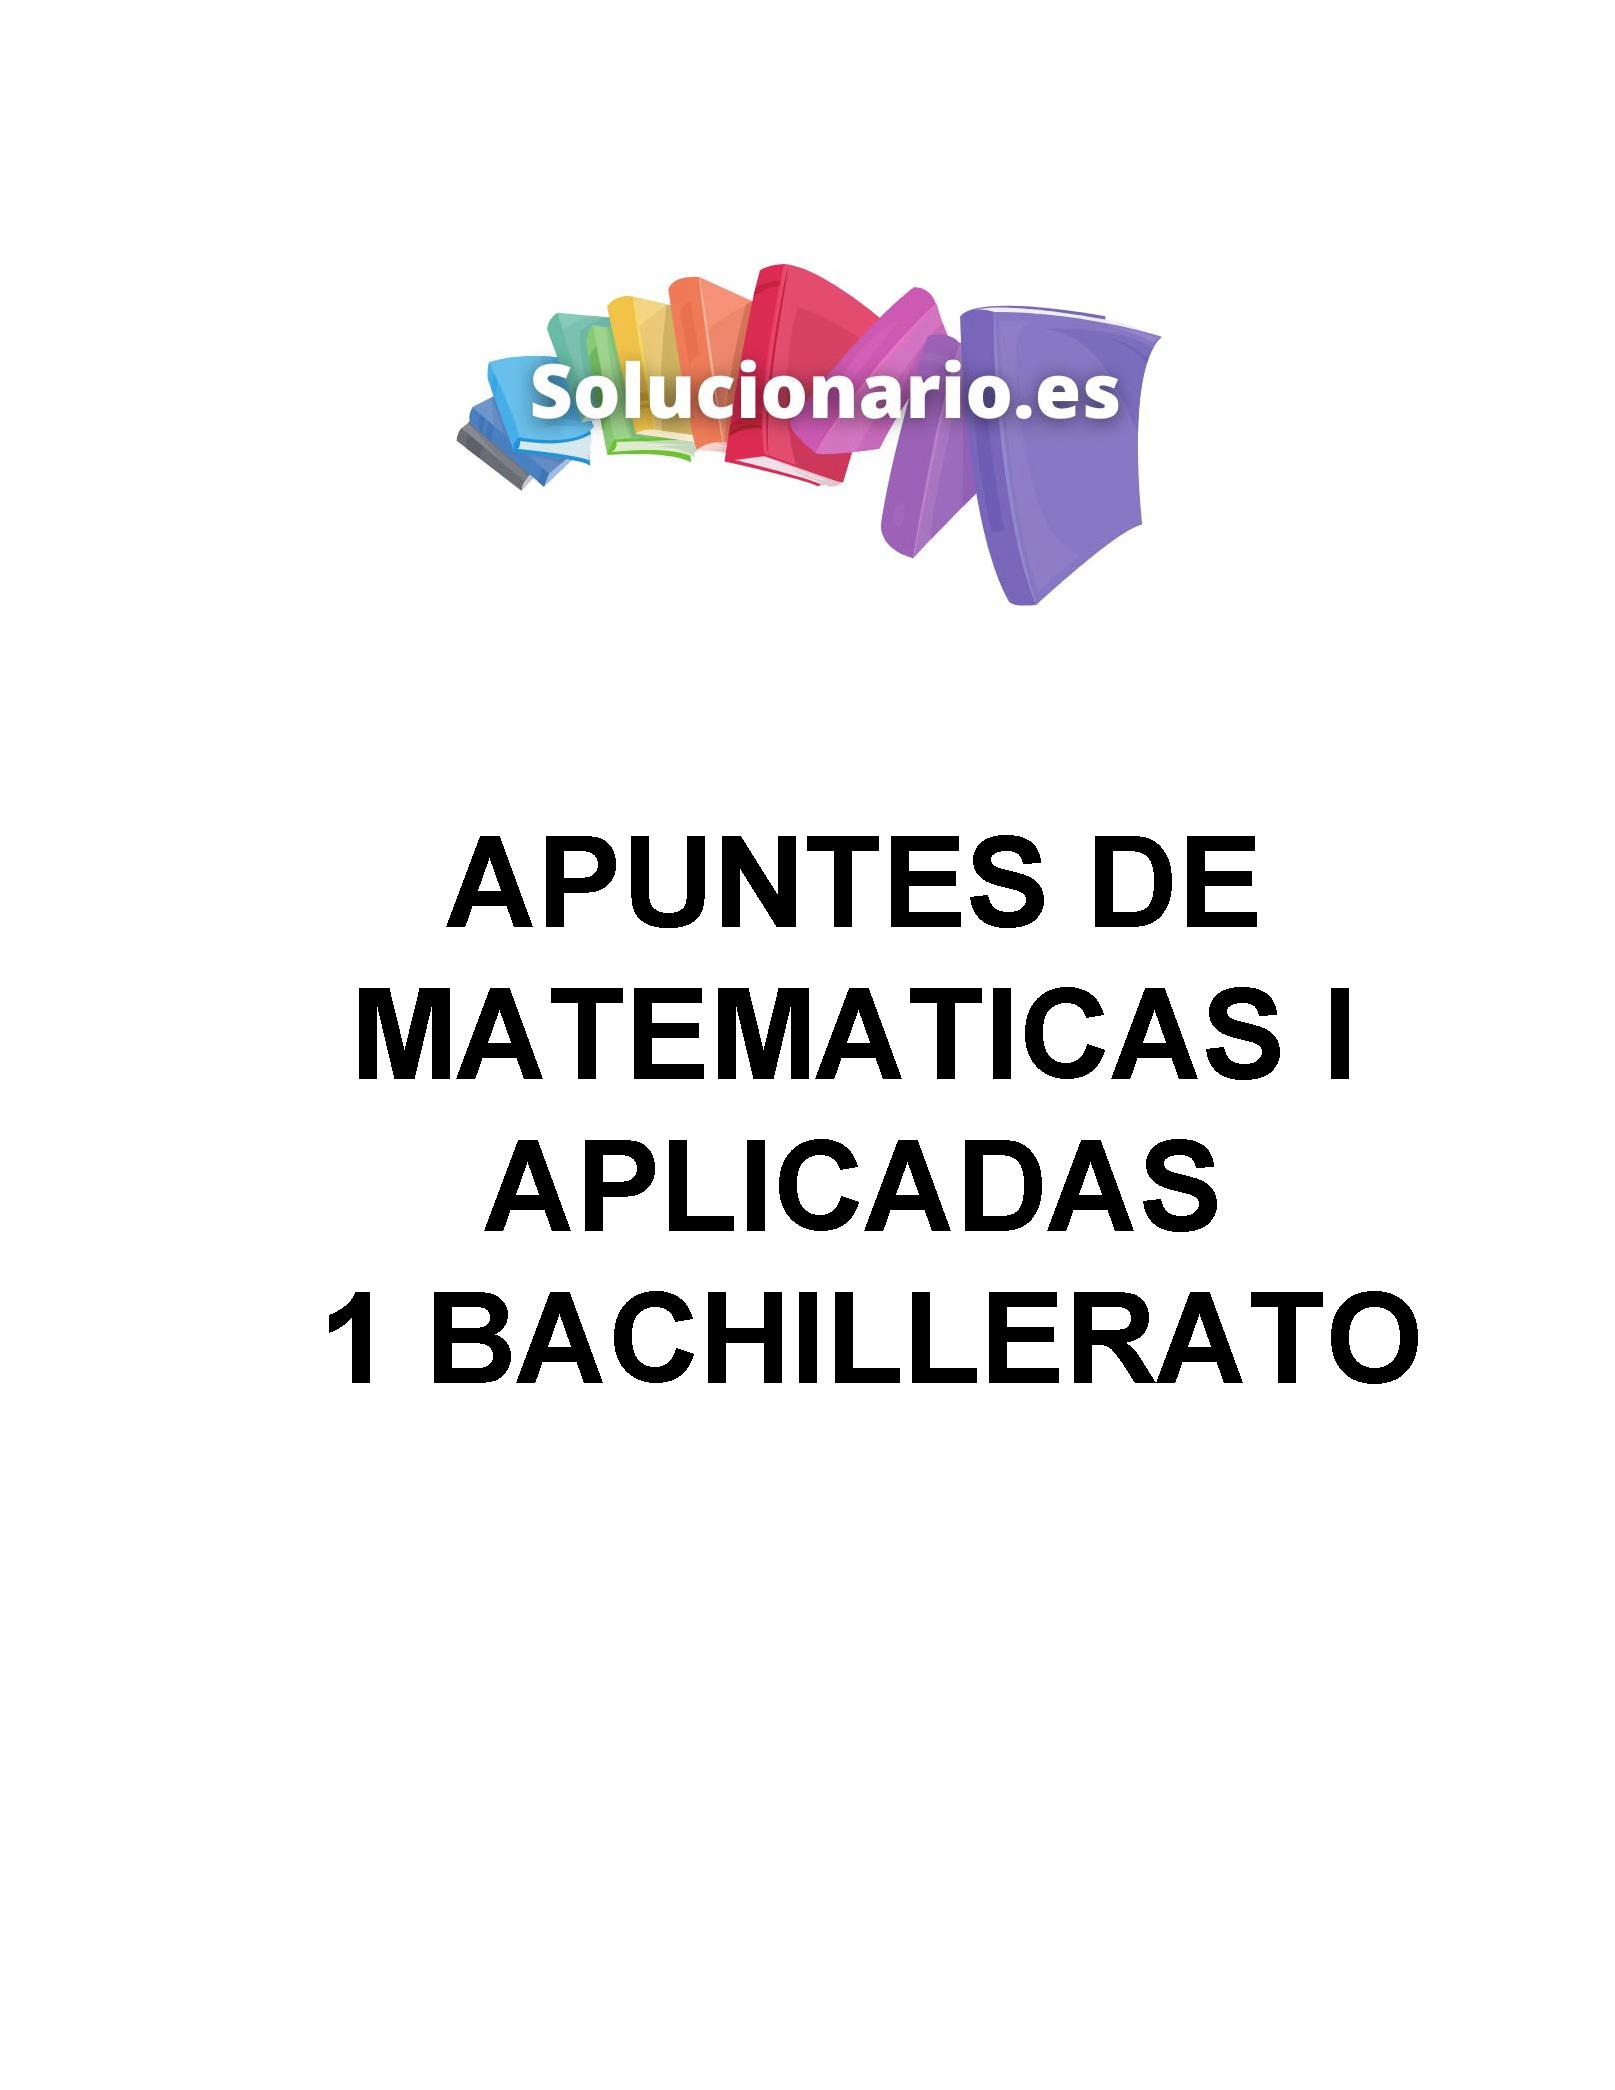 Apuntes Matemáticas Probabilidad 1 Bachillerato de Sociales 2020 / 2021